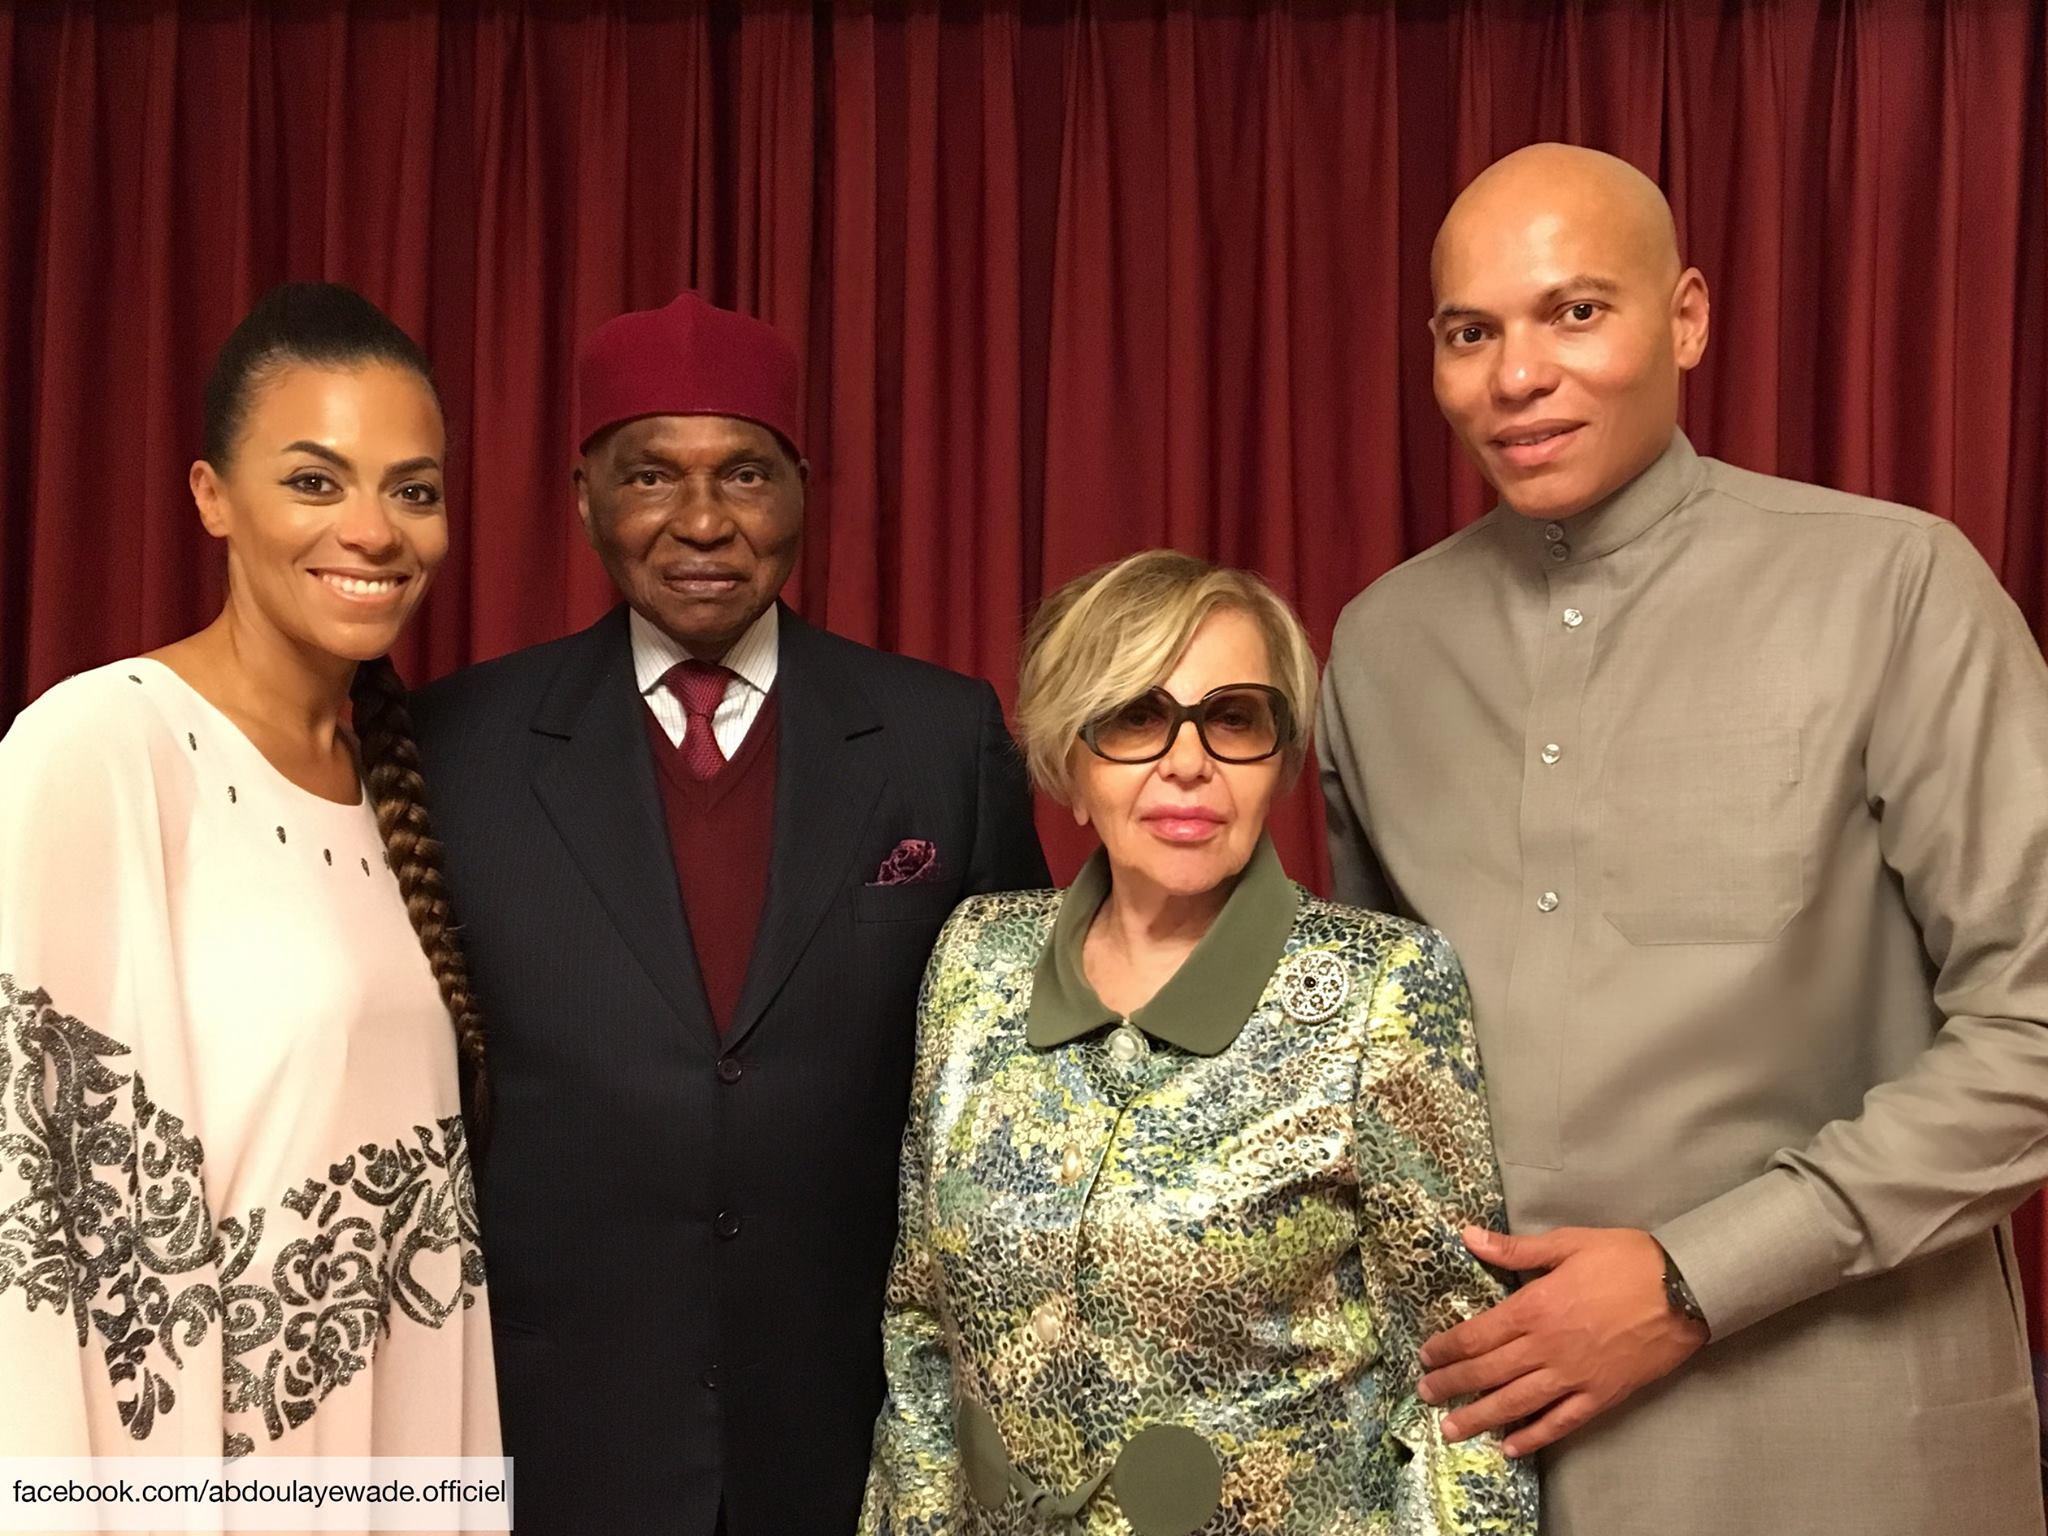 Abdoulaye Wade entouré de sa femme Vivianne, et ses fils Karim et Syndiély.